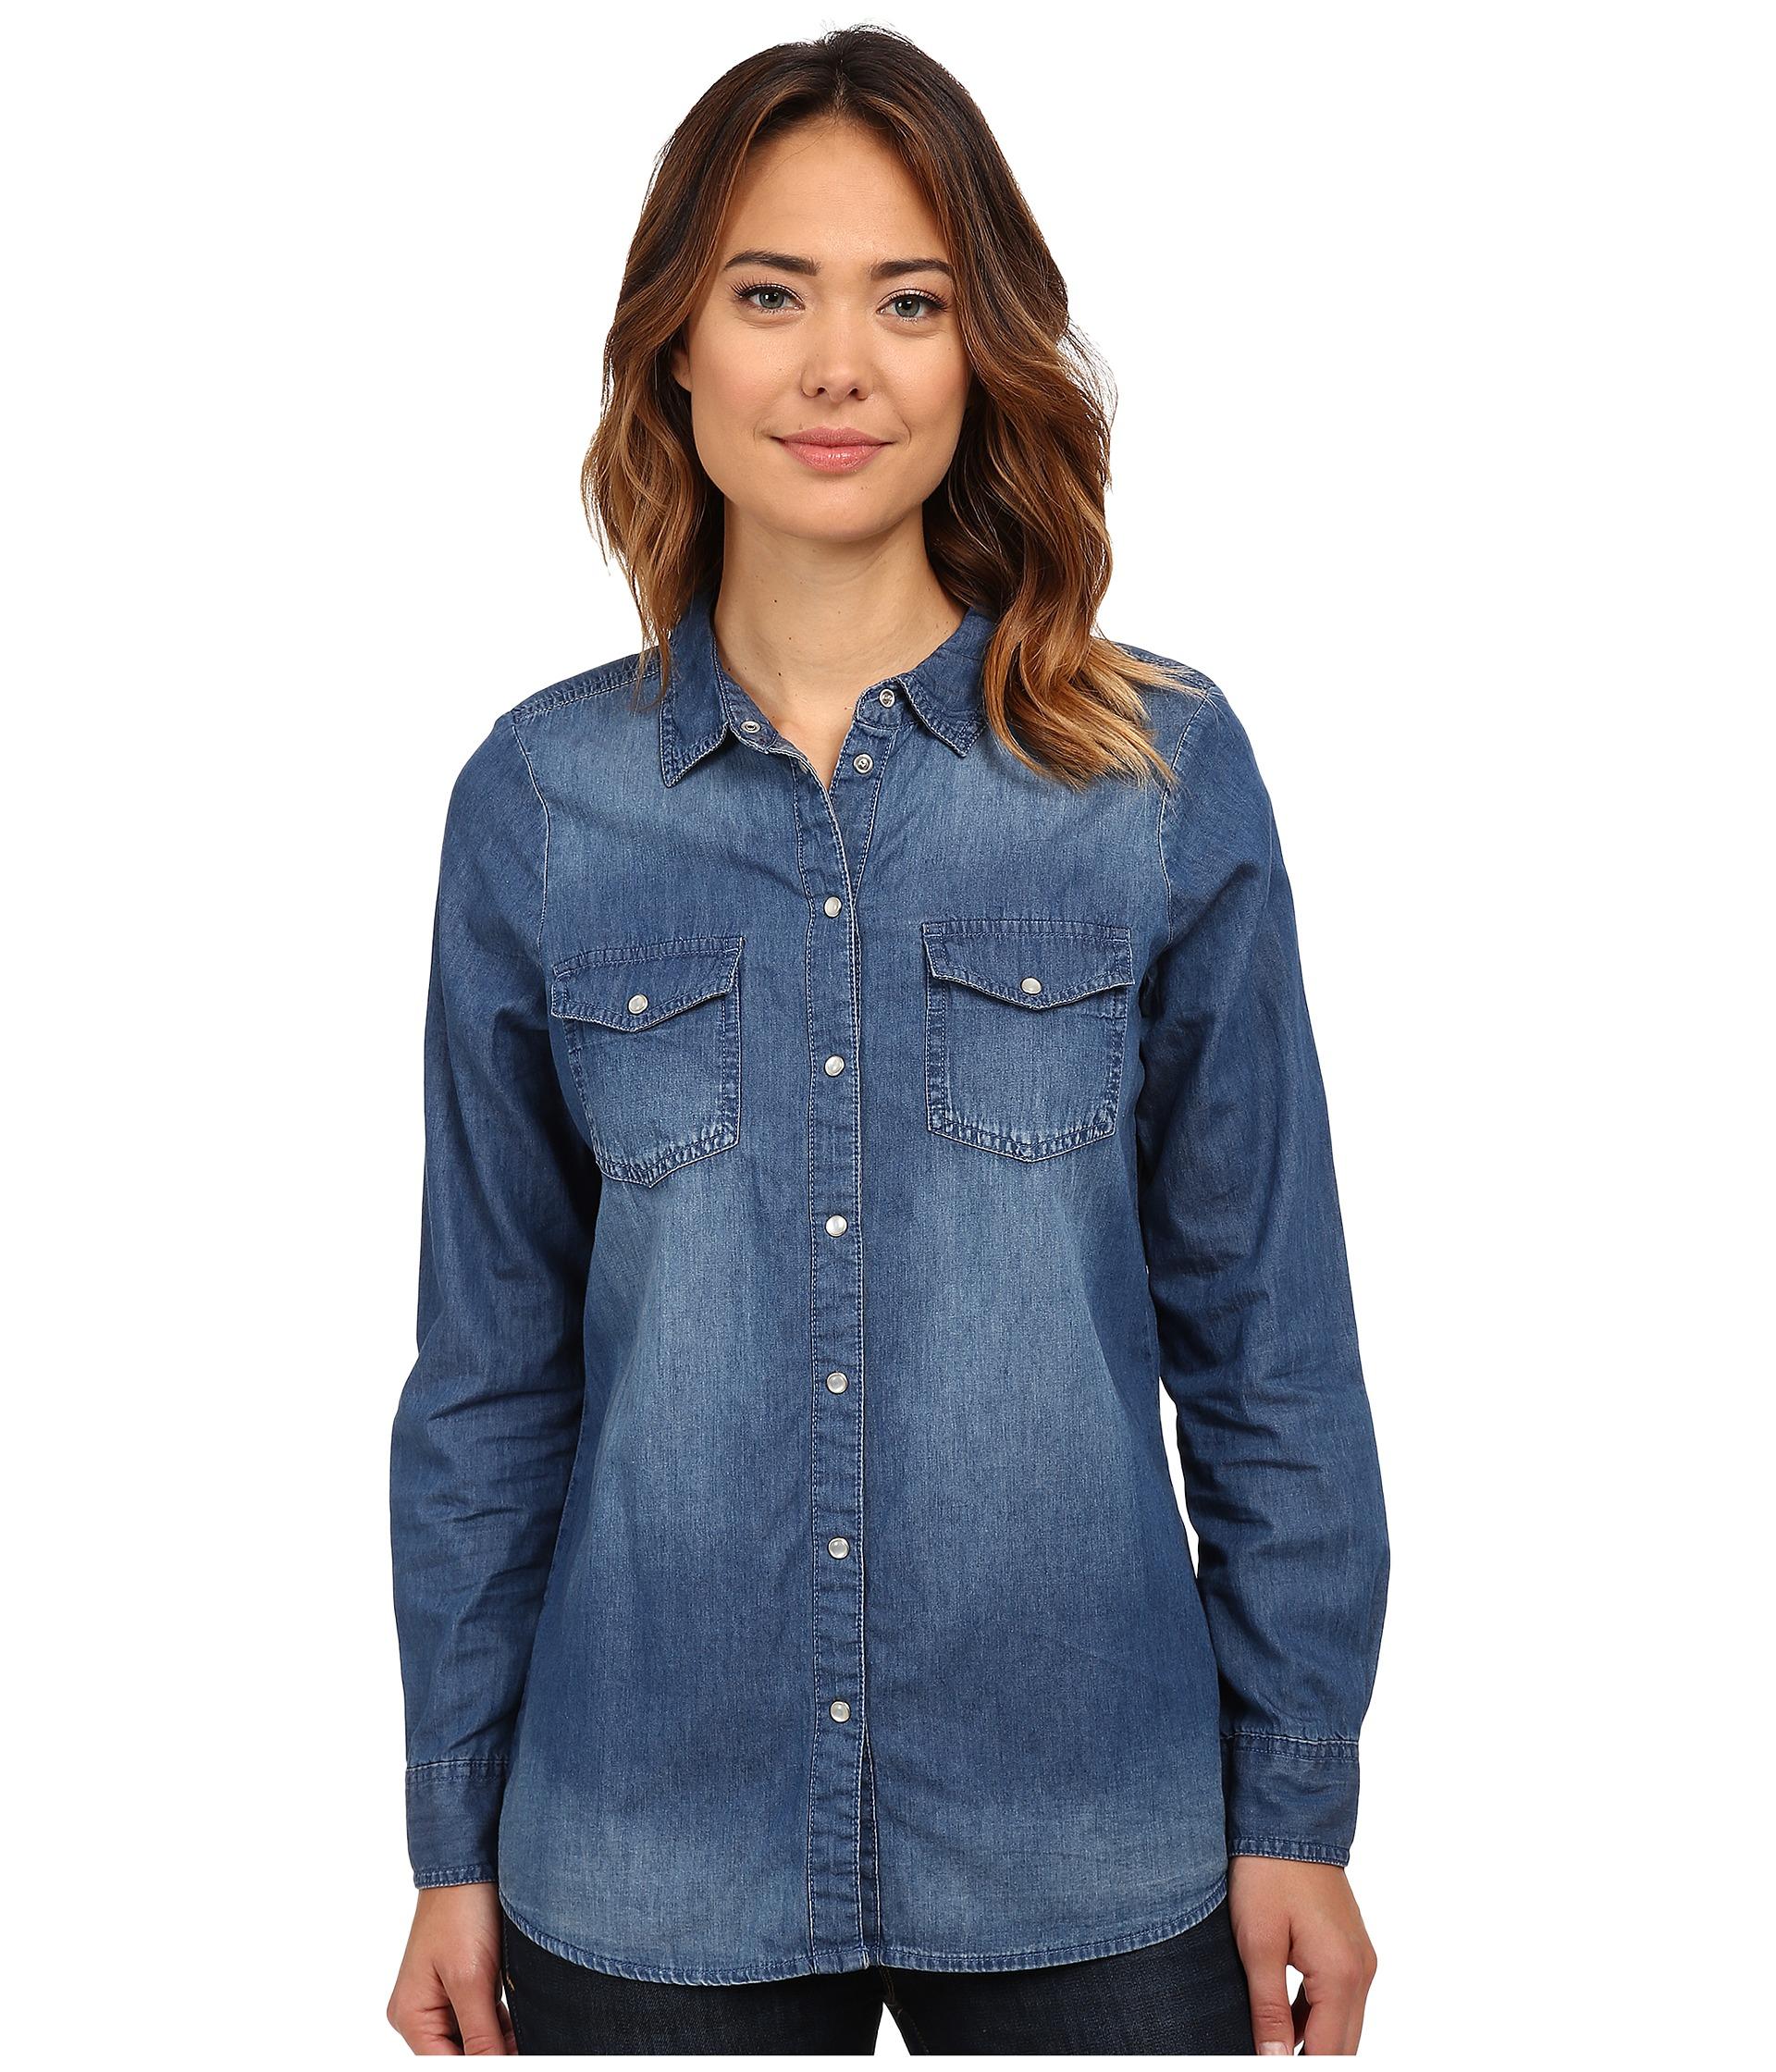 877eda9864f3e8 Dark Denim Shirt Womens For Sale